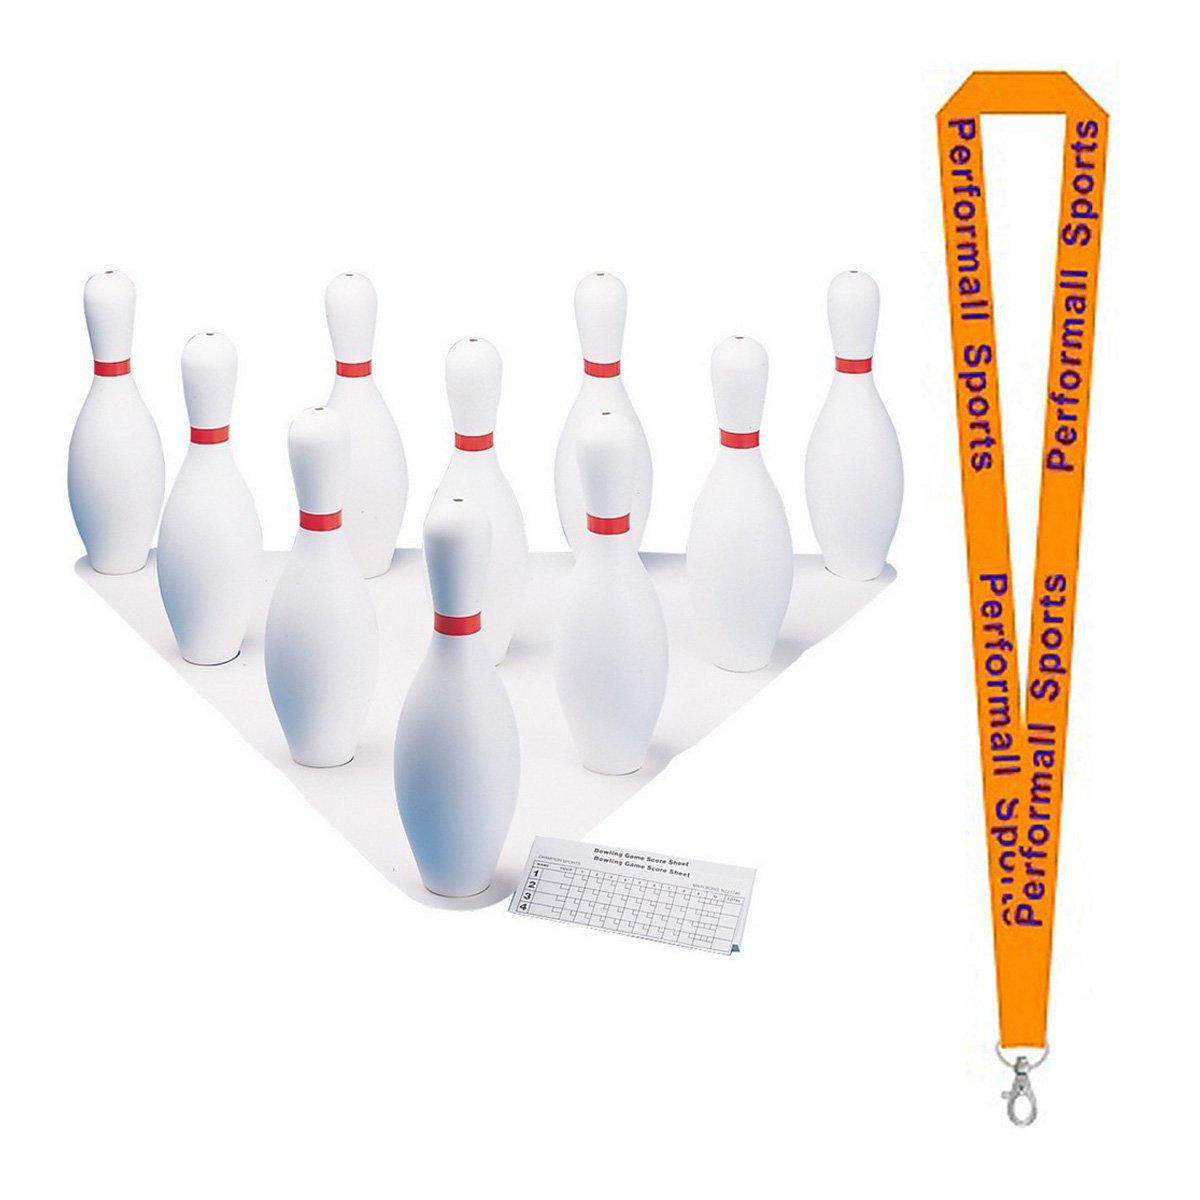 低価格で大人気の チャンピオンスポーツプラスチックボーリングピンセットホワイトwith 1 B01FSZ6MPI performall – performall Lanyard bp10 – 1p B01FSZ6MPI, ミラノアルファー:2ac575e2 --- ciadaterra.com